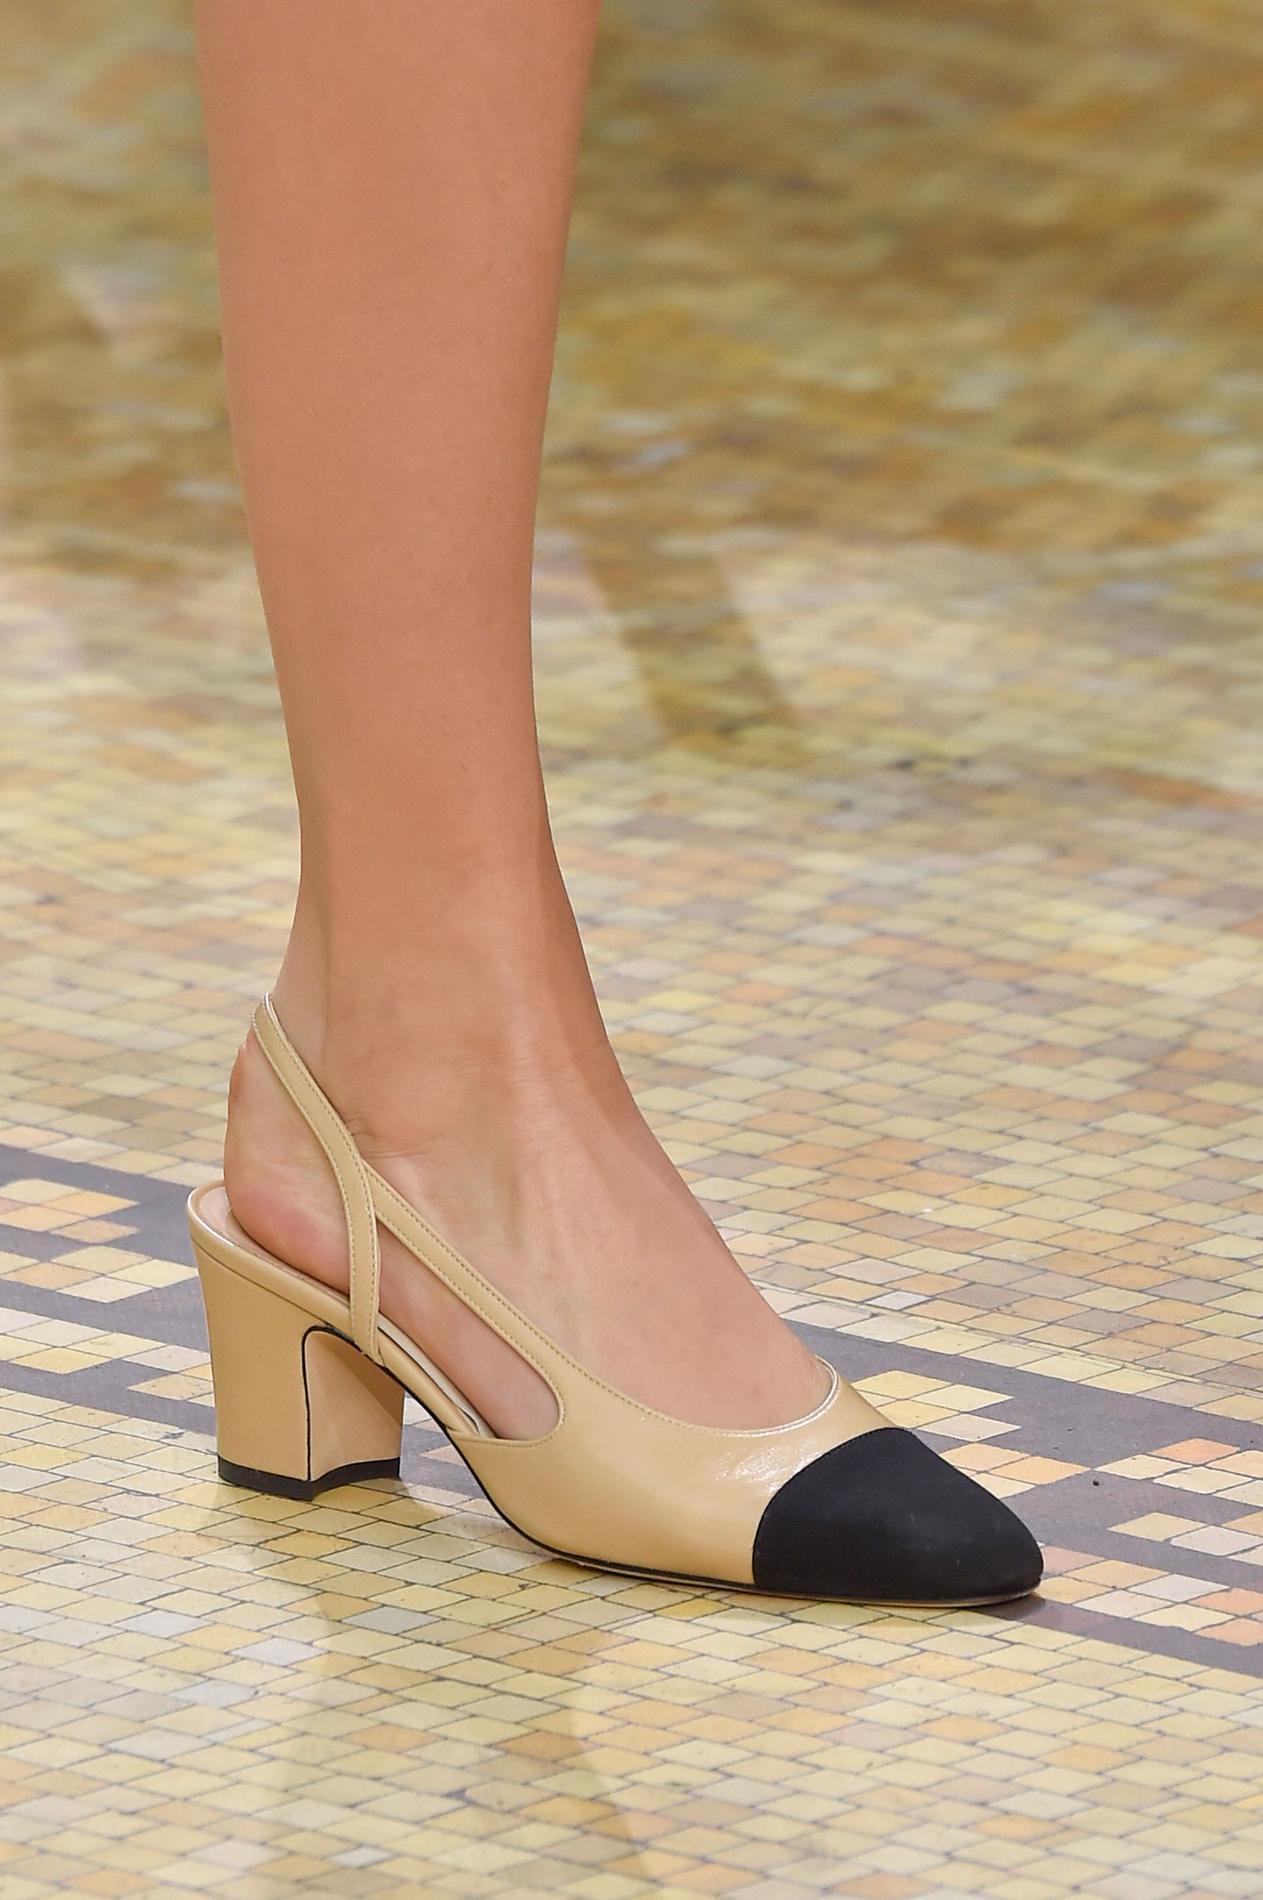 e8788559a98 Le soulier bicolore mythique de Chanel fête ses soixante ans ...